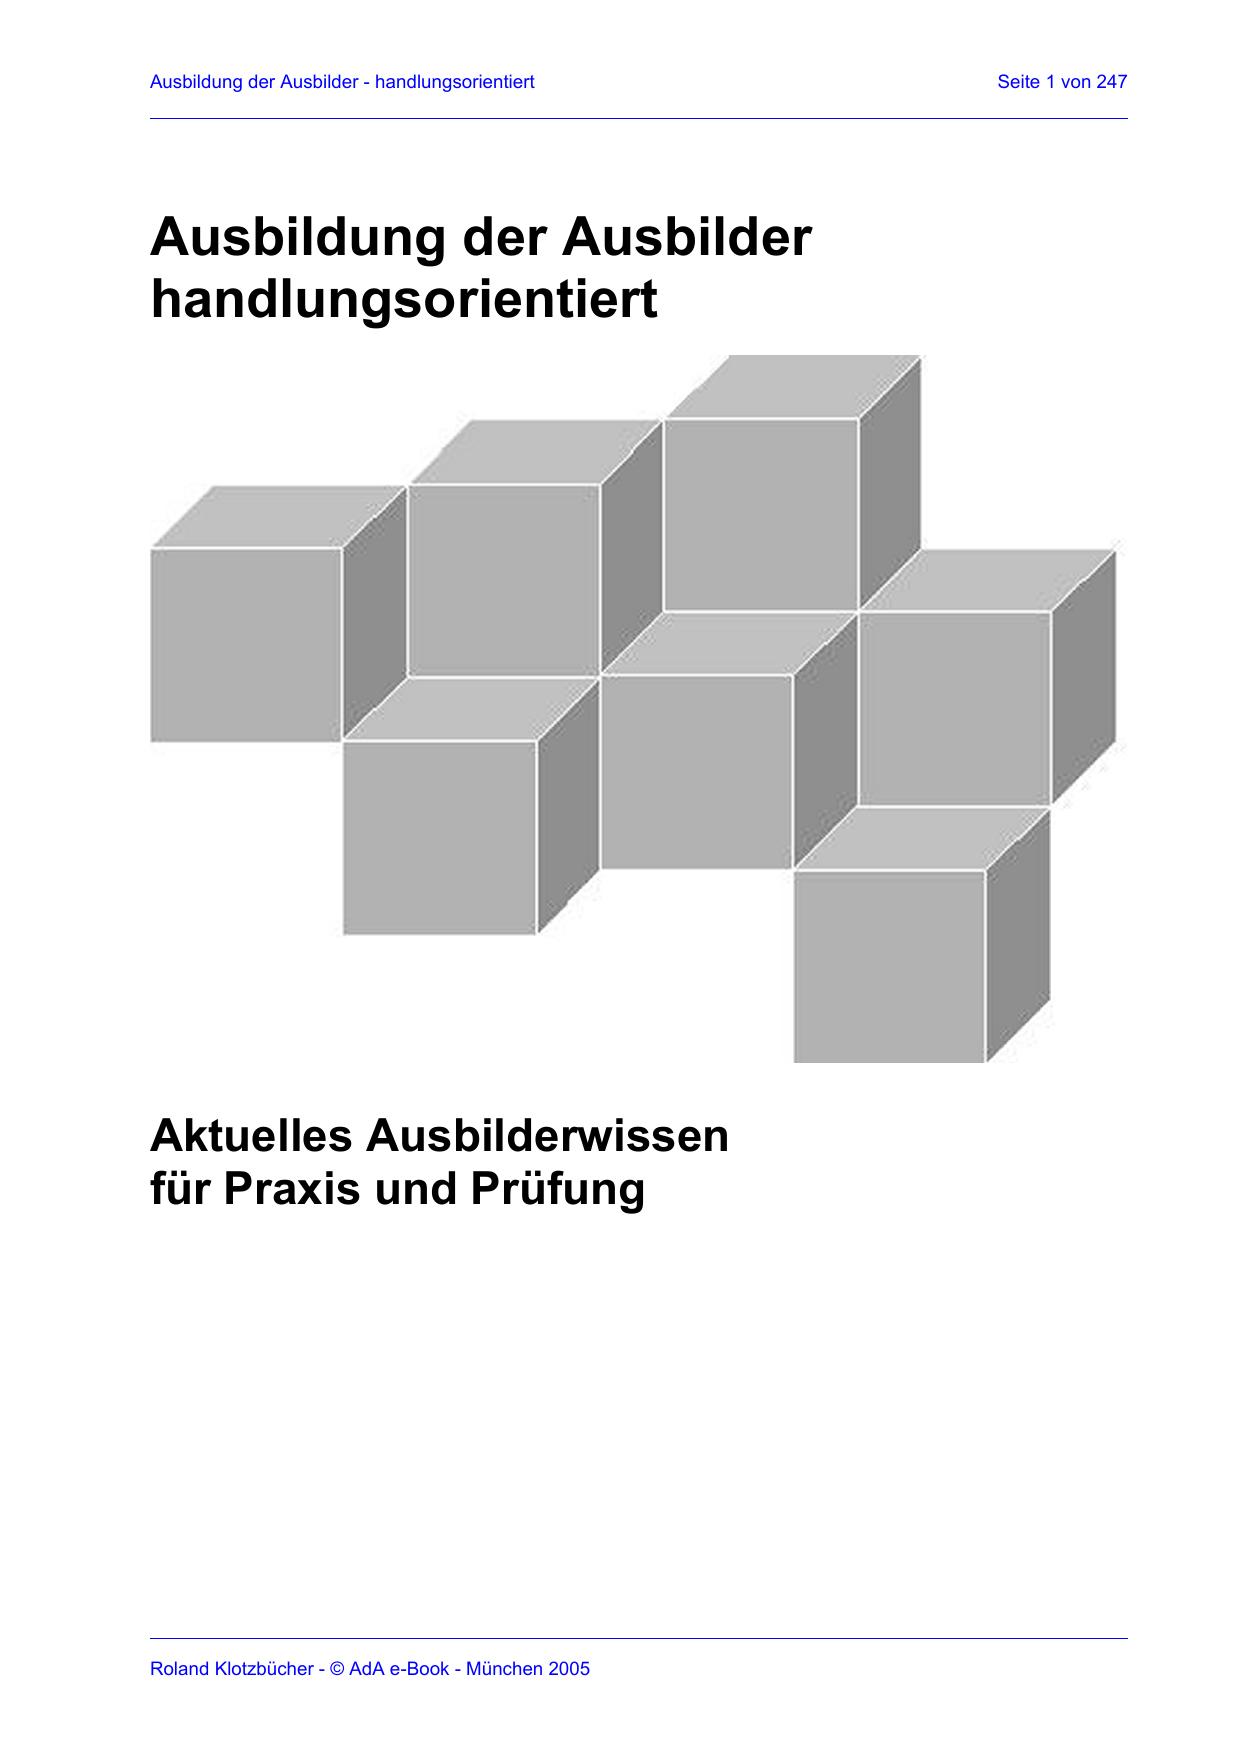 Ausbildung der Ausbilder | manualzz.com